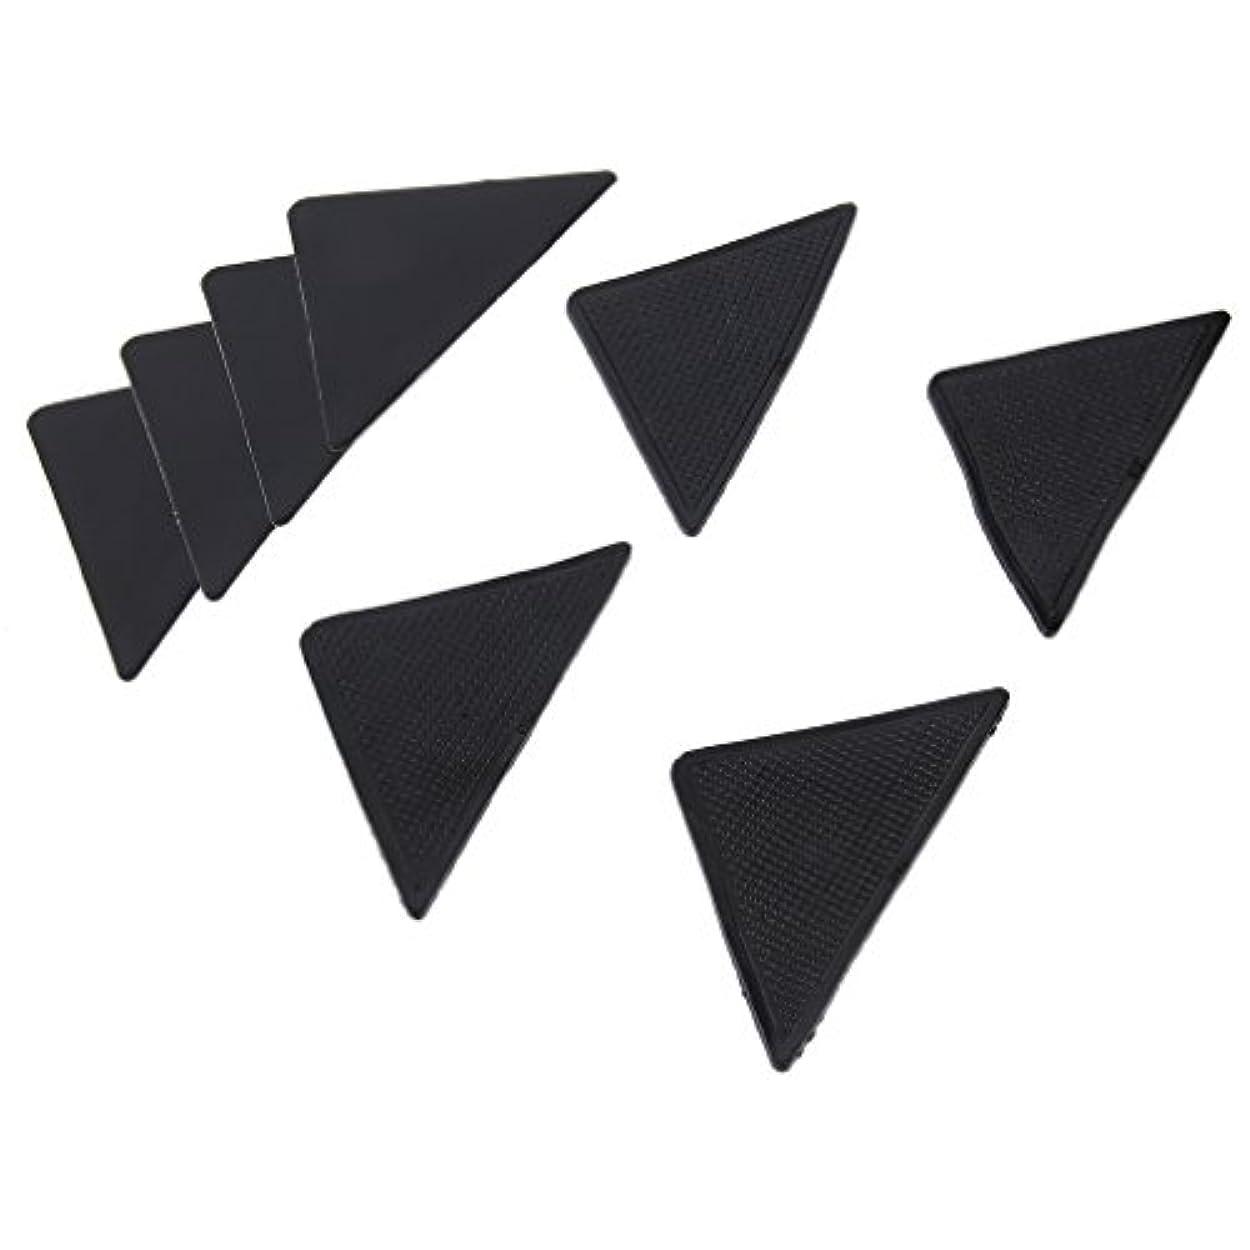 ゴールデン納得させるグリット4 pcs Rug Carpet Mat Grippers Non Slip Anti Skid Reusable Silicone Grip Pads